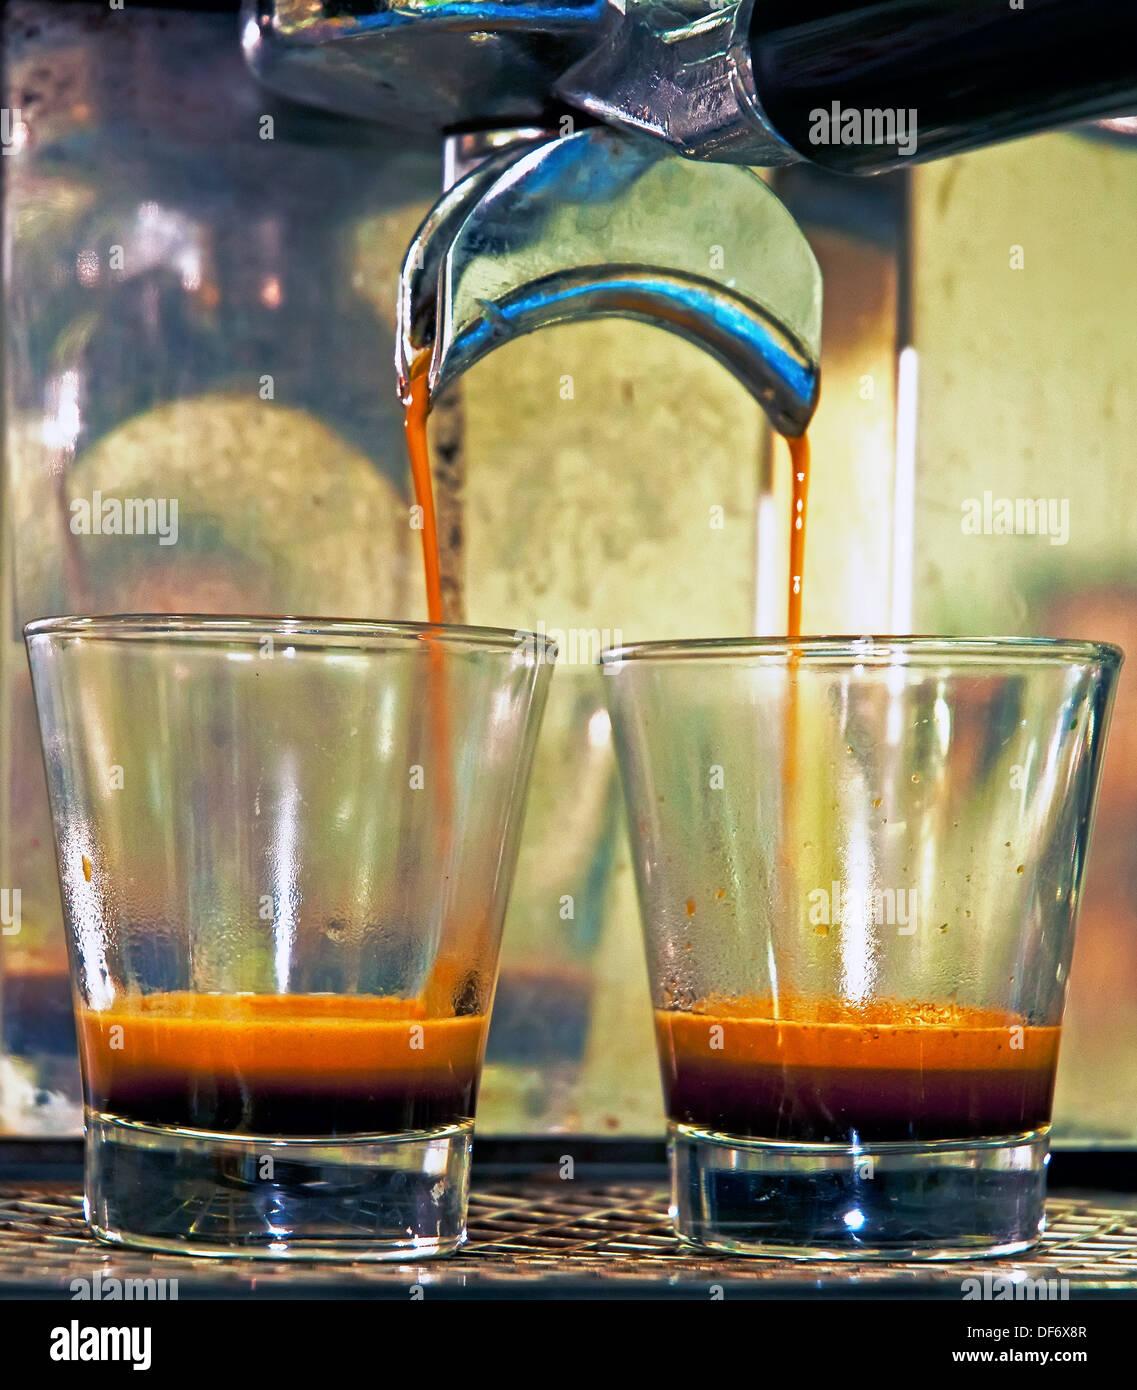 Espresso Coffee Maker, Italian Culture - Stock Image